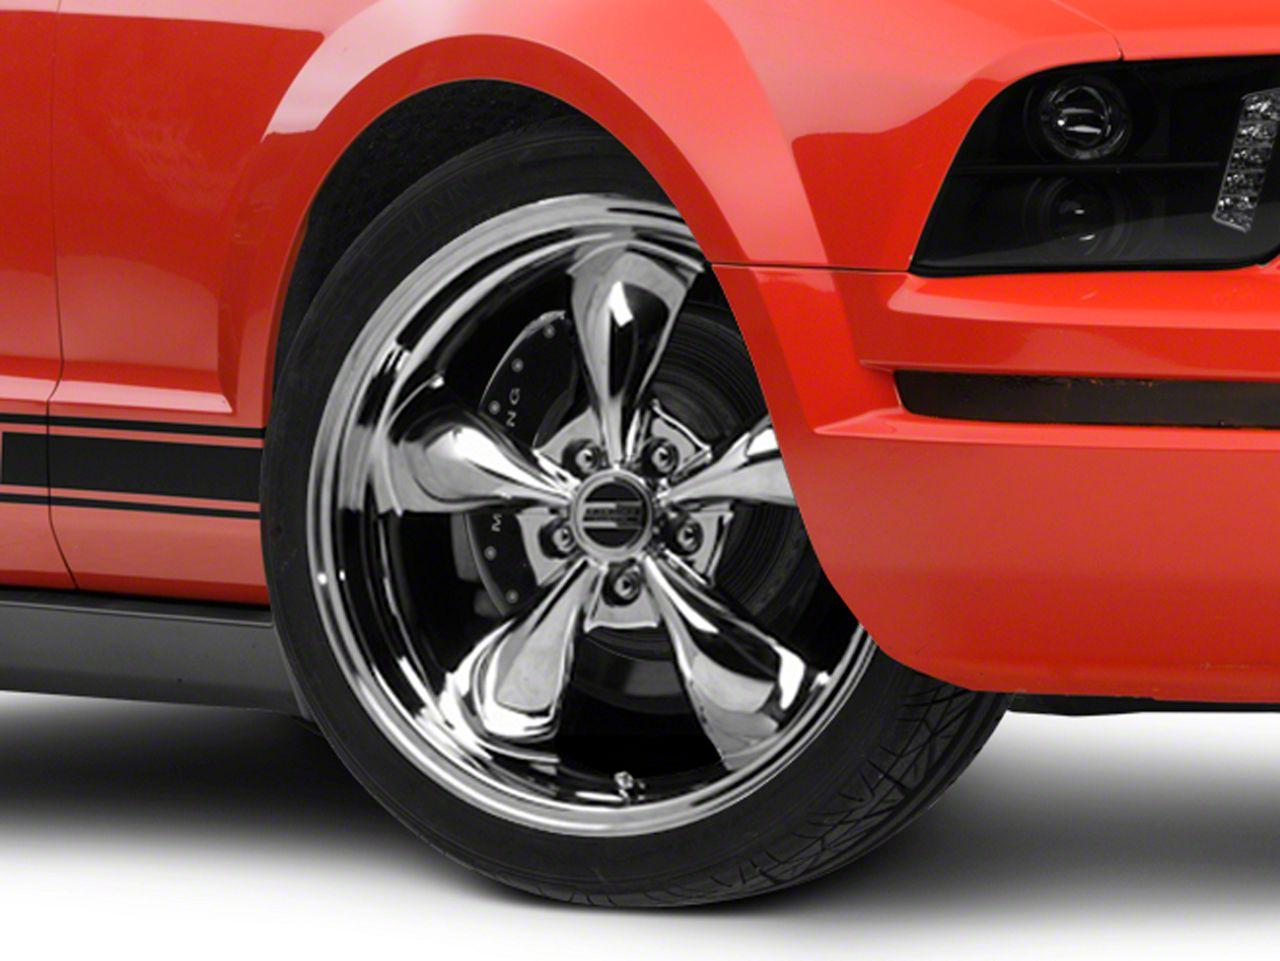 mustang deep dish bullitt chrome wheel 20x8 5 05 10 gt 05 14 v6 07 Shelby Mustang GT deep dish bullitt chrome wheel 20x8 5 05 10 gt 05 14 v6